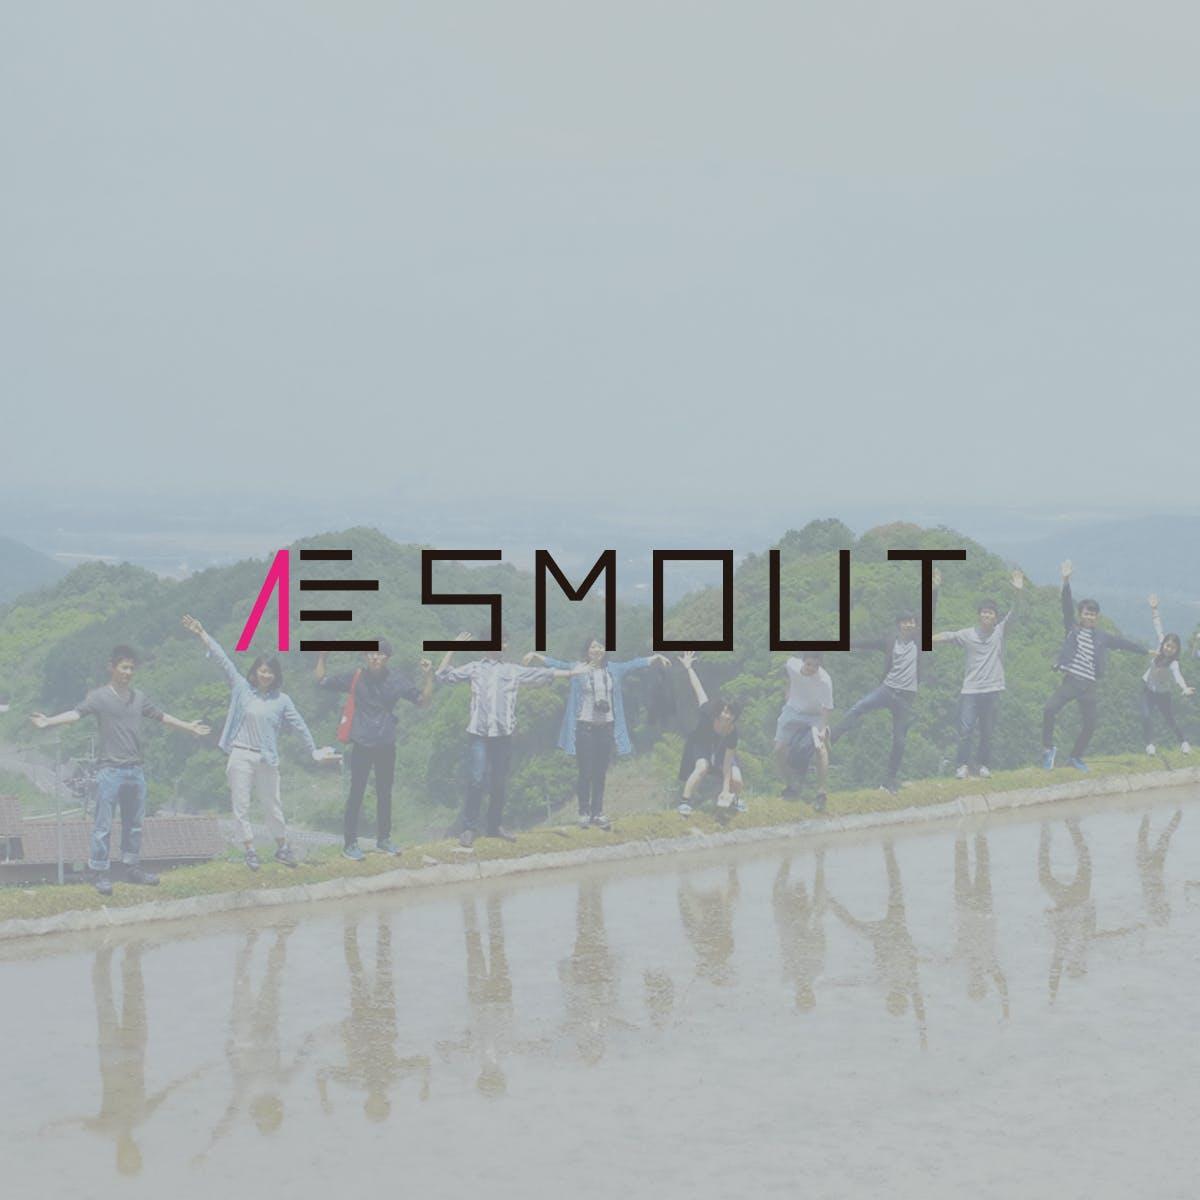 富山県南砺市らとカヤックLivingが連携協定締結、移住スカウトサービス「SMOUT」を通じて「地域の困りごと」に取り組む人材をマッチング 3番目の画像